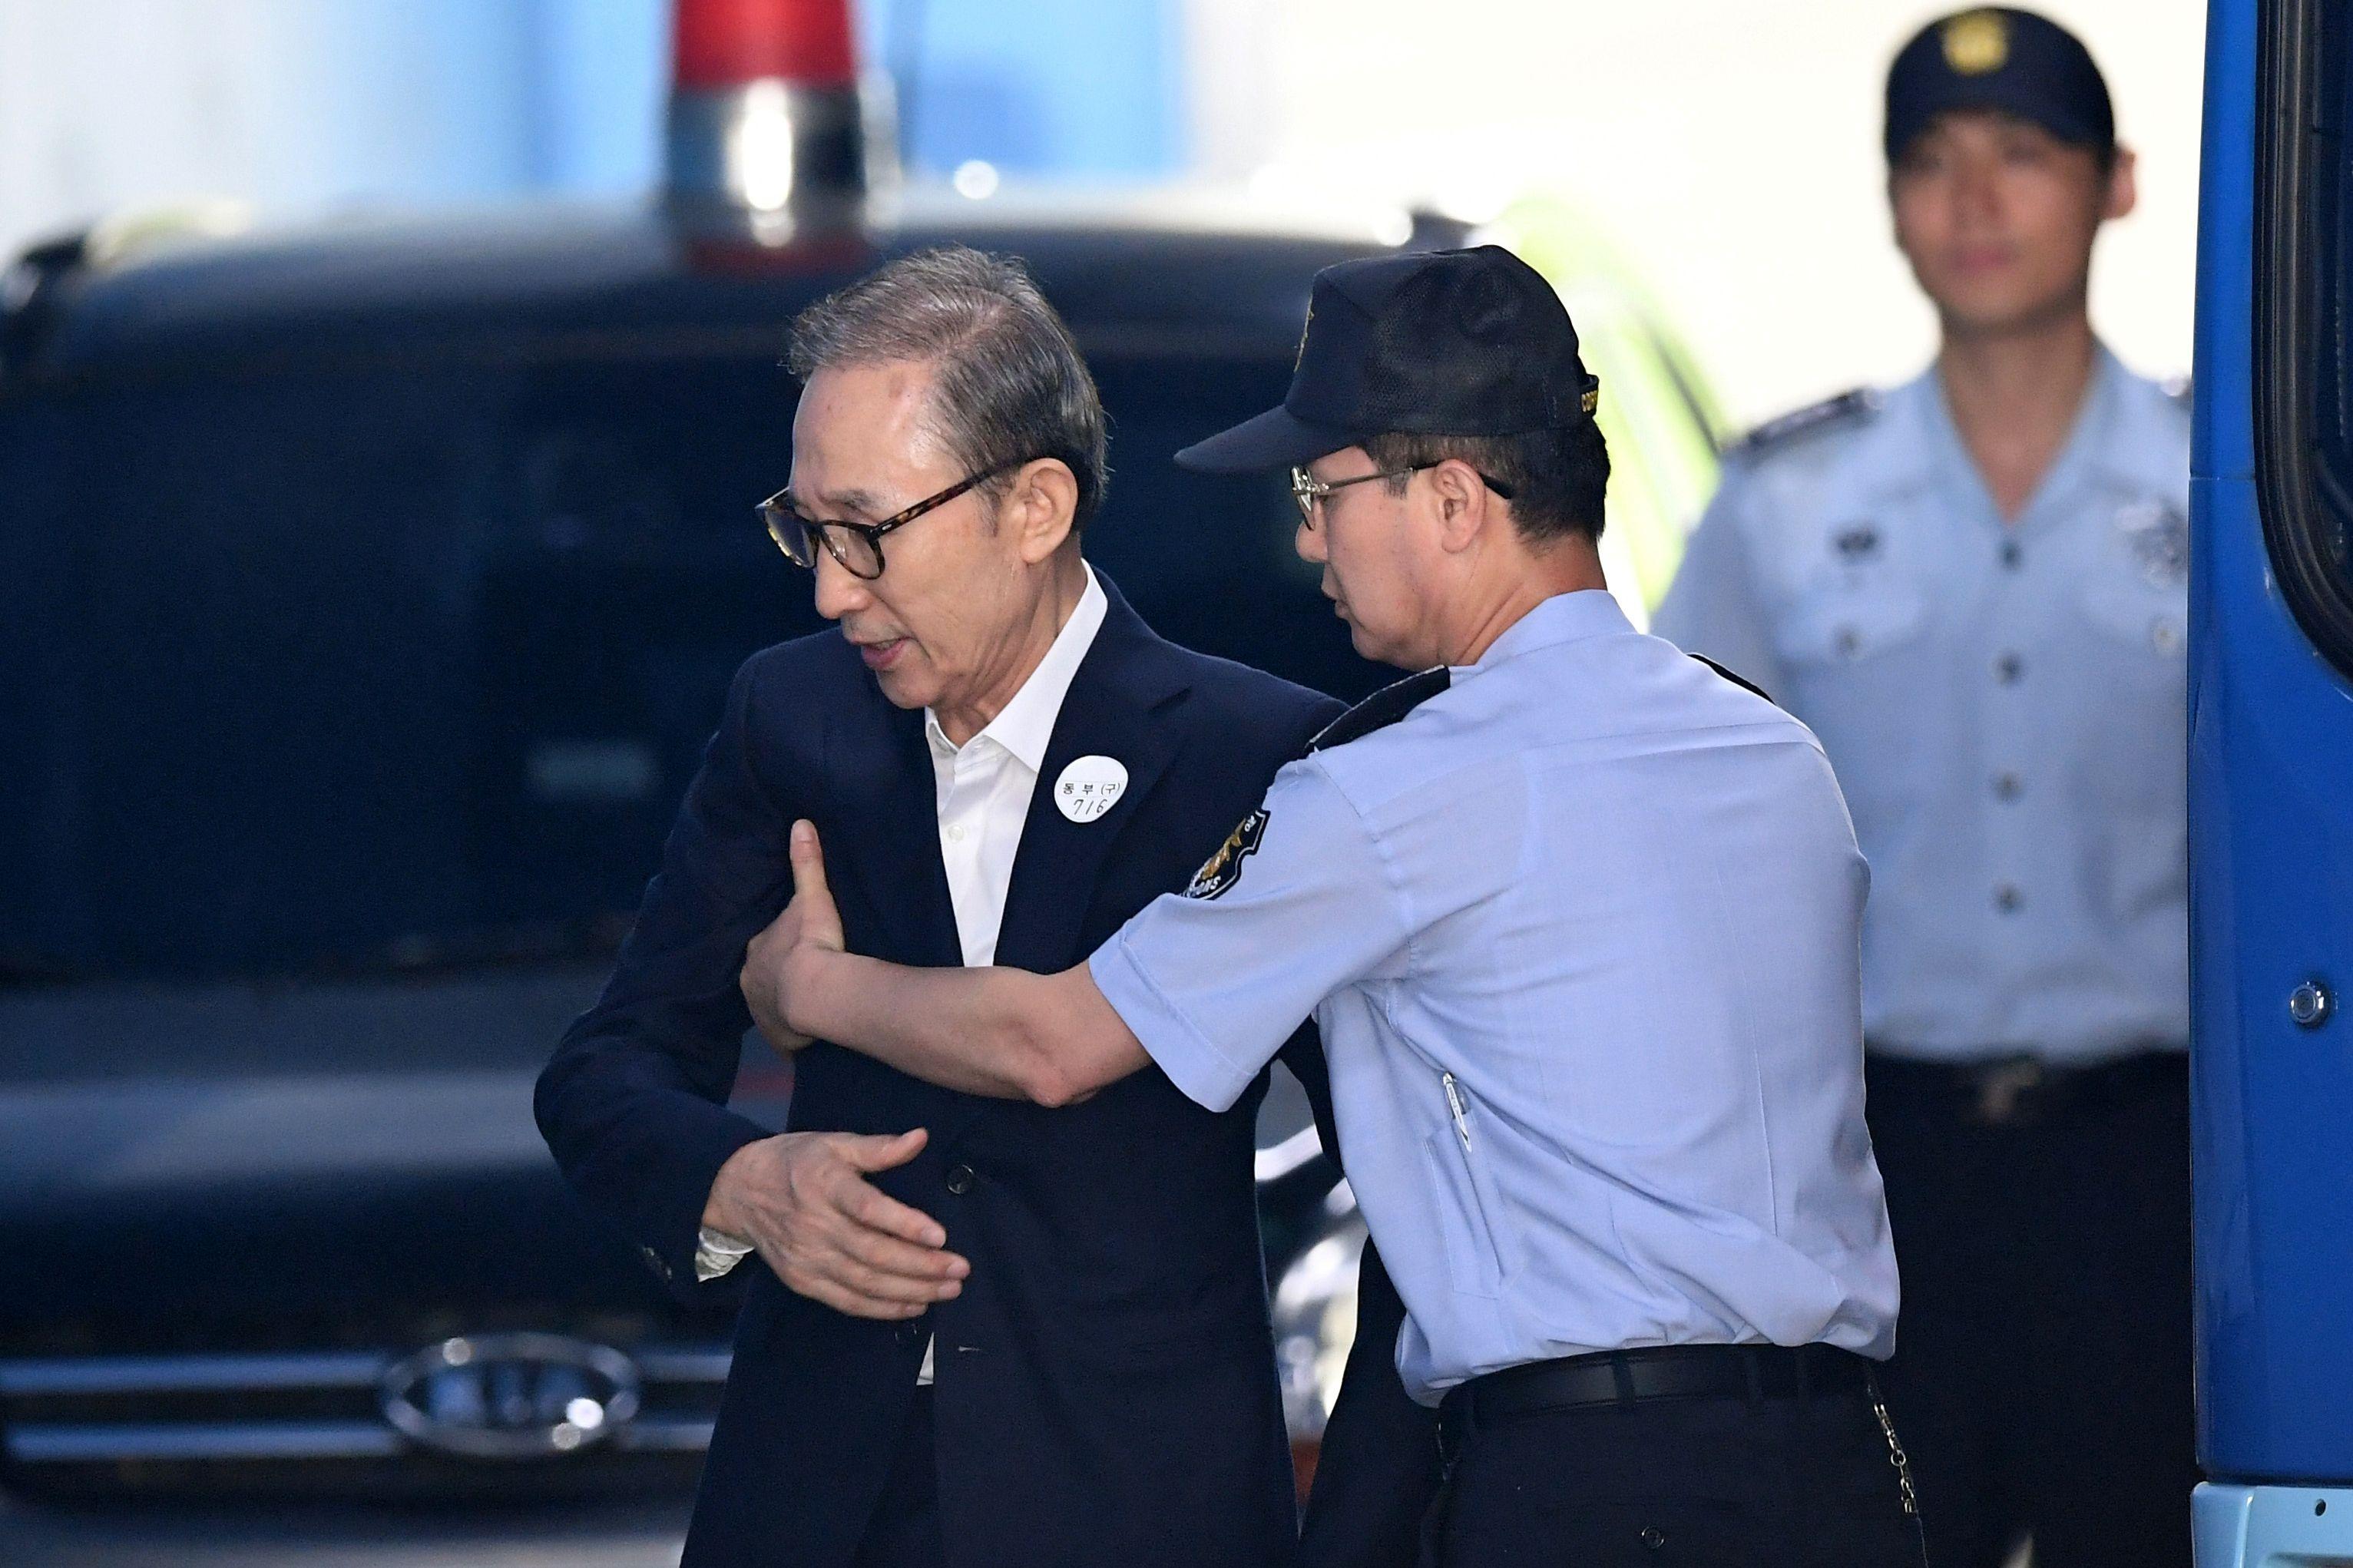 رئيس كوريا الجنوبية السابق يصل المحكمة